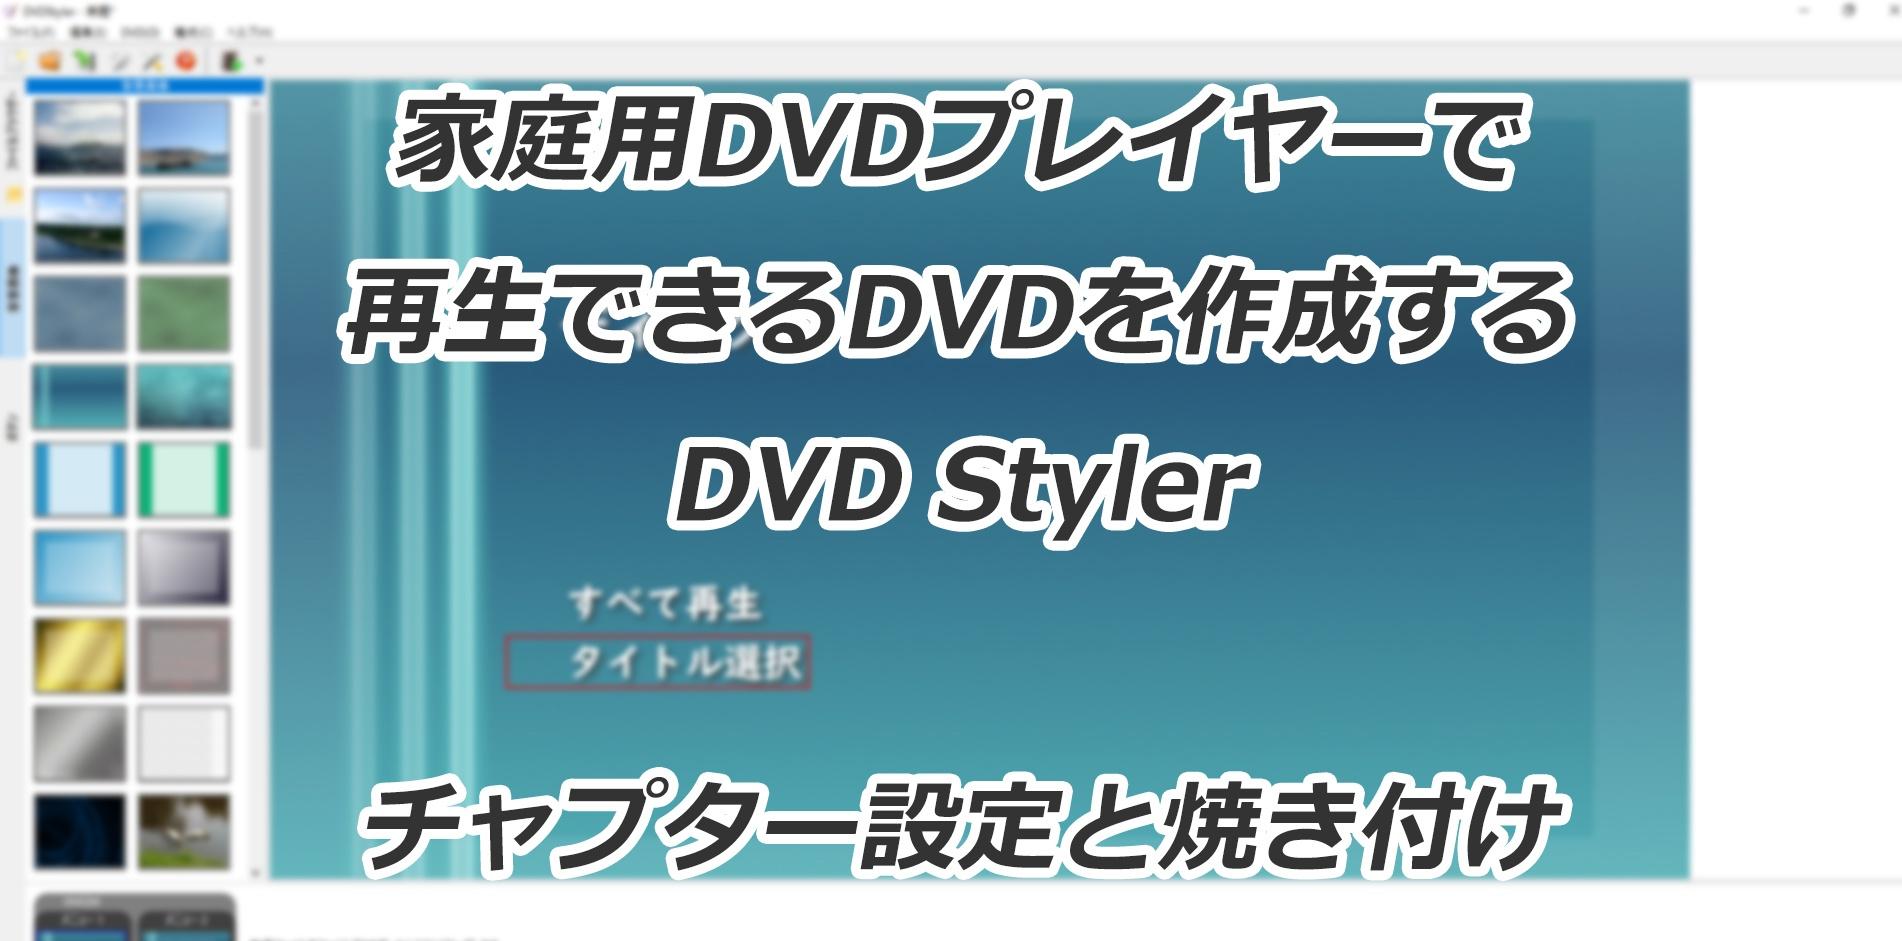 DVD Styler 動画のチャプター設定から焼き付けまで